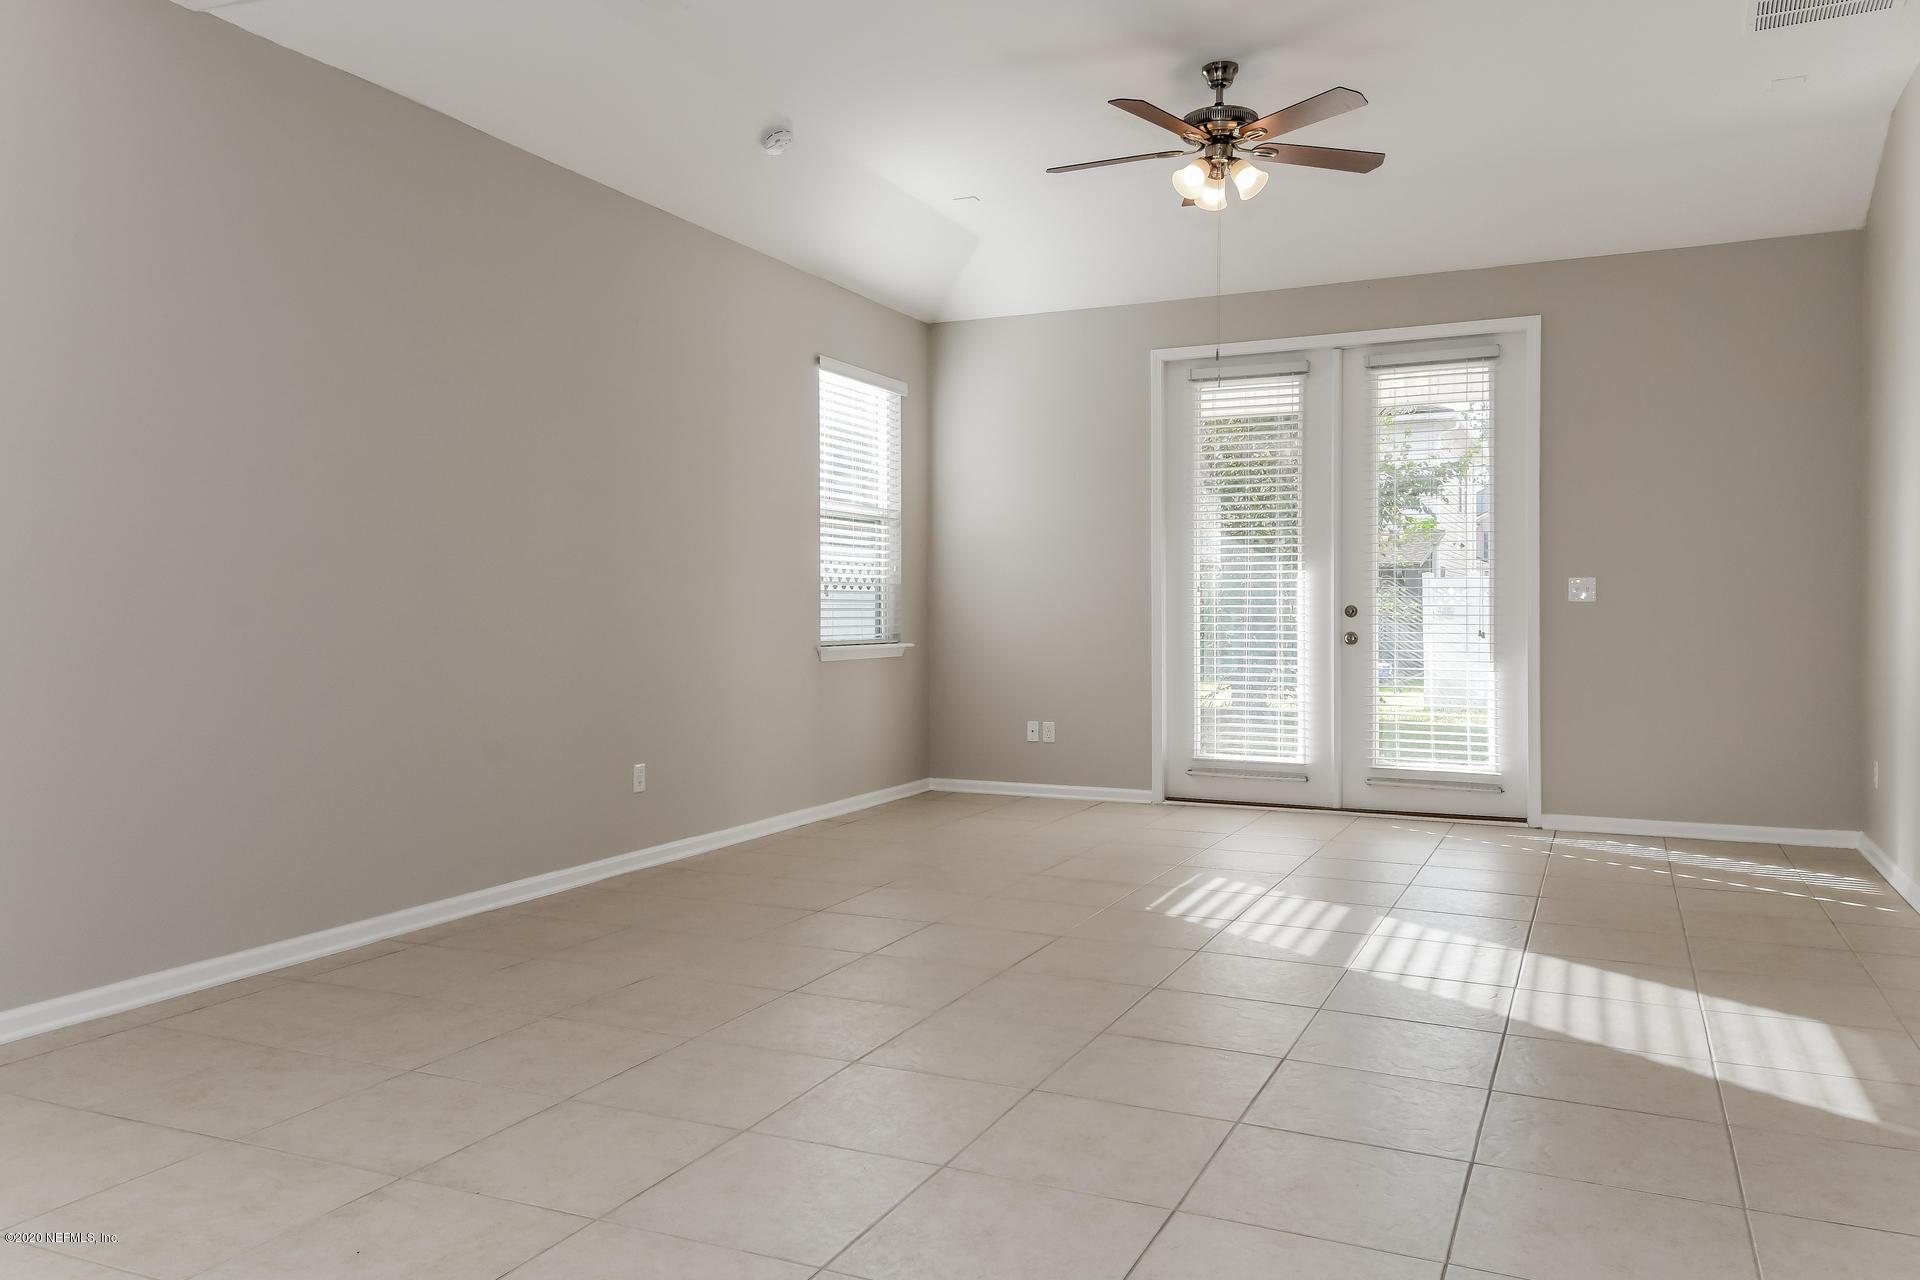 140 BRENTLEY, ORANGE PARK, FLORIDA 32065, 3 Bedrooms Bedrooms, ,2 BathroomsBathrooms,Rental,For Rent,BRENTLEY,1081139